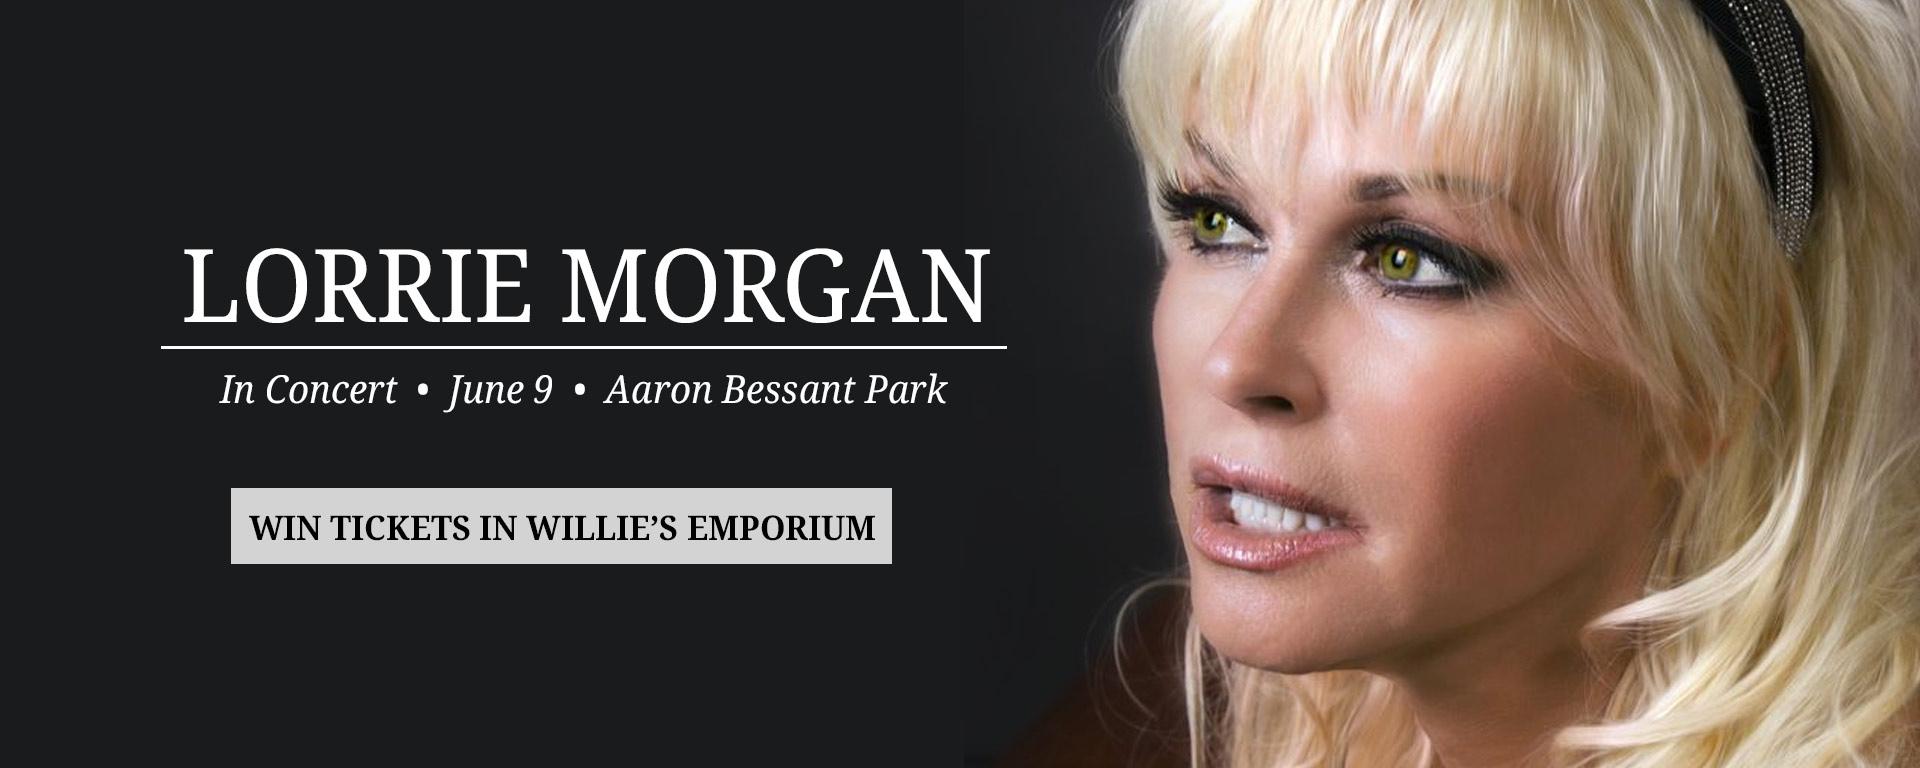 Lorrie-Morgan-Concert